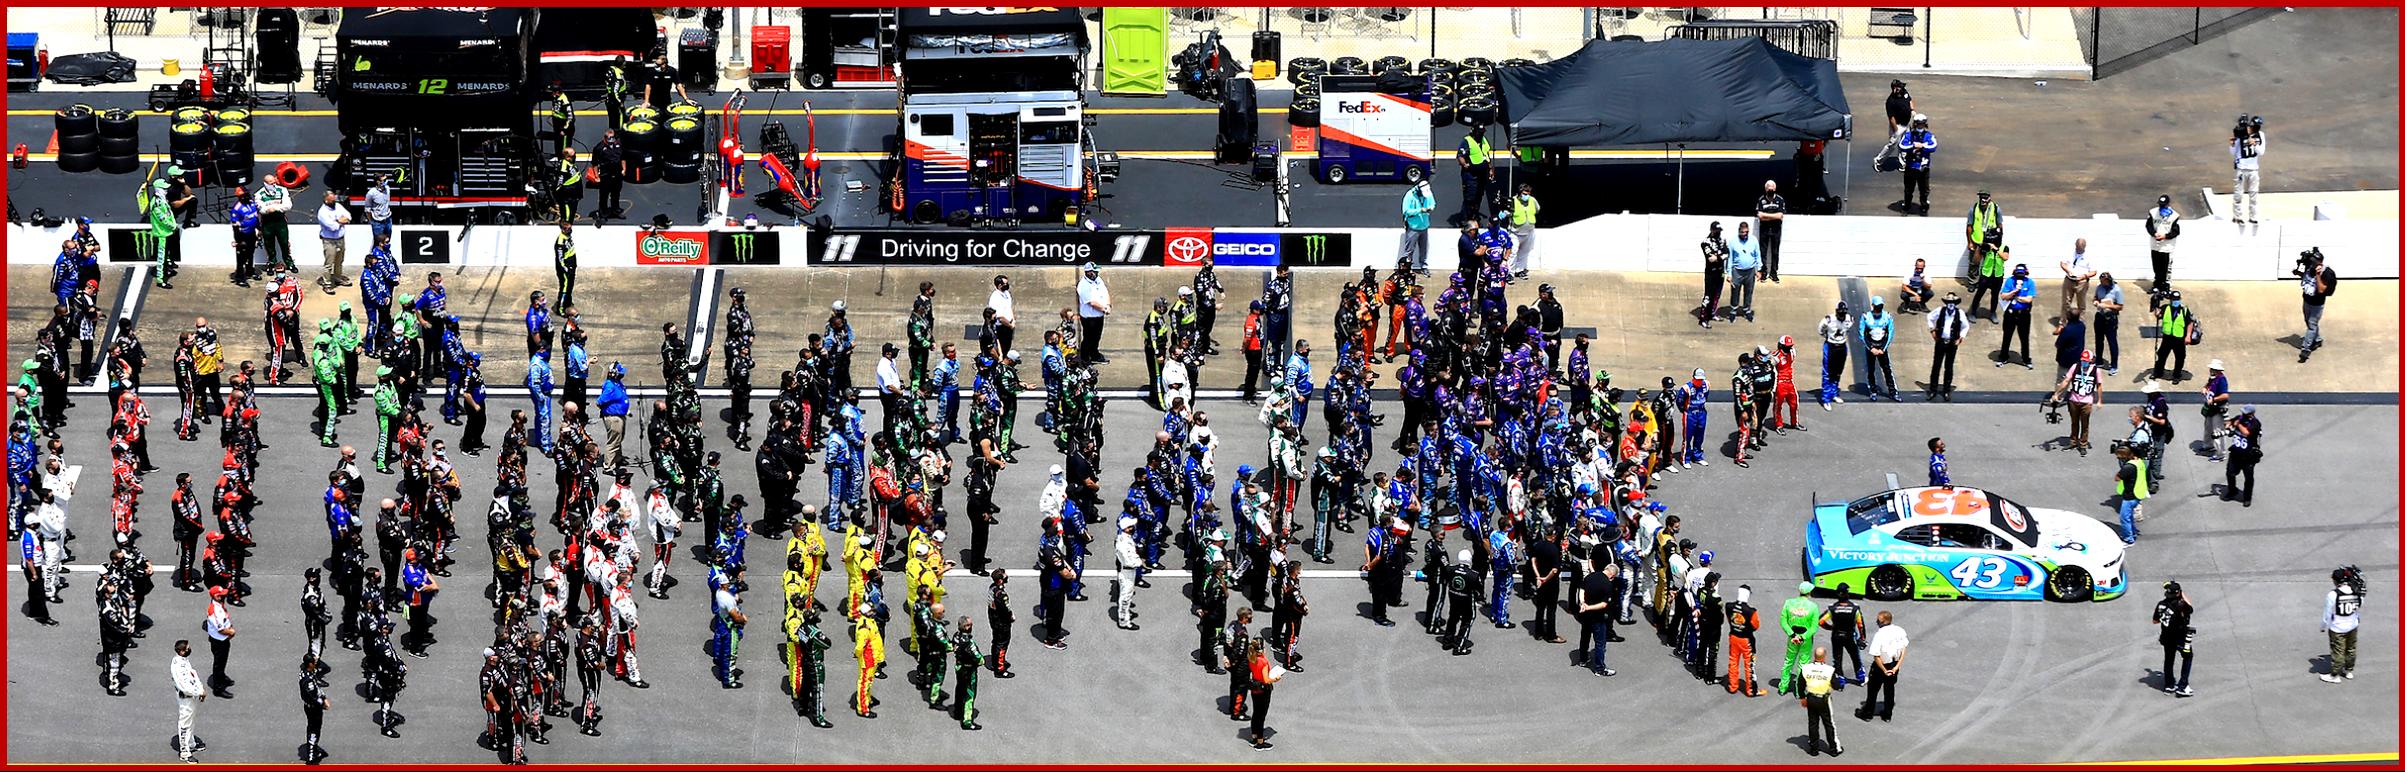 Ken Zino AutoInformed on NASCAR Embracing Black Lives Matter AutoInformed.com